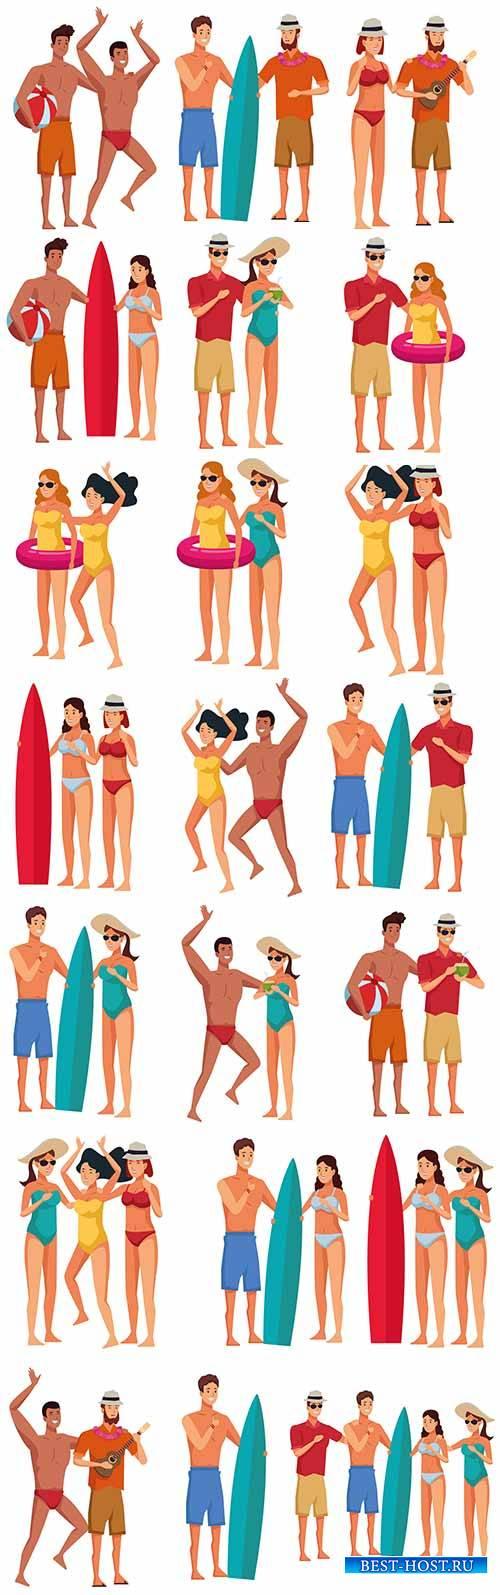 Молодые люди в купальниках - Векторный клипарт / Young people in bathing su ...